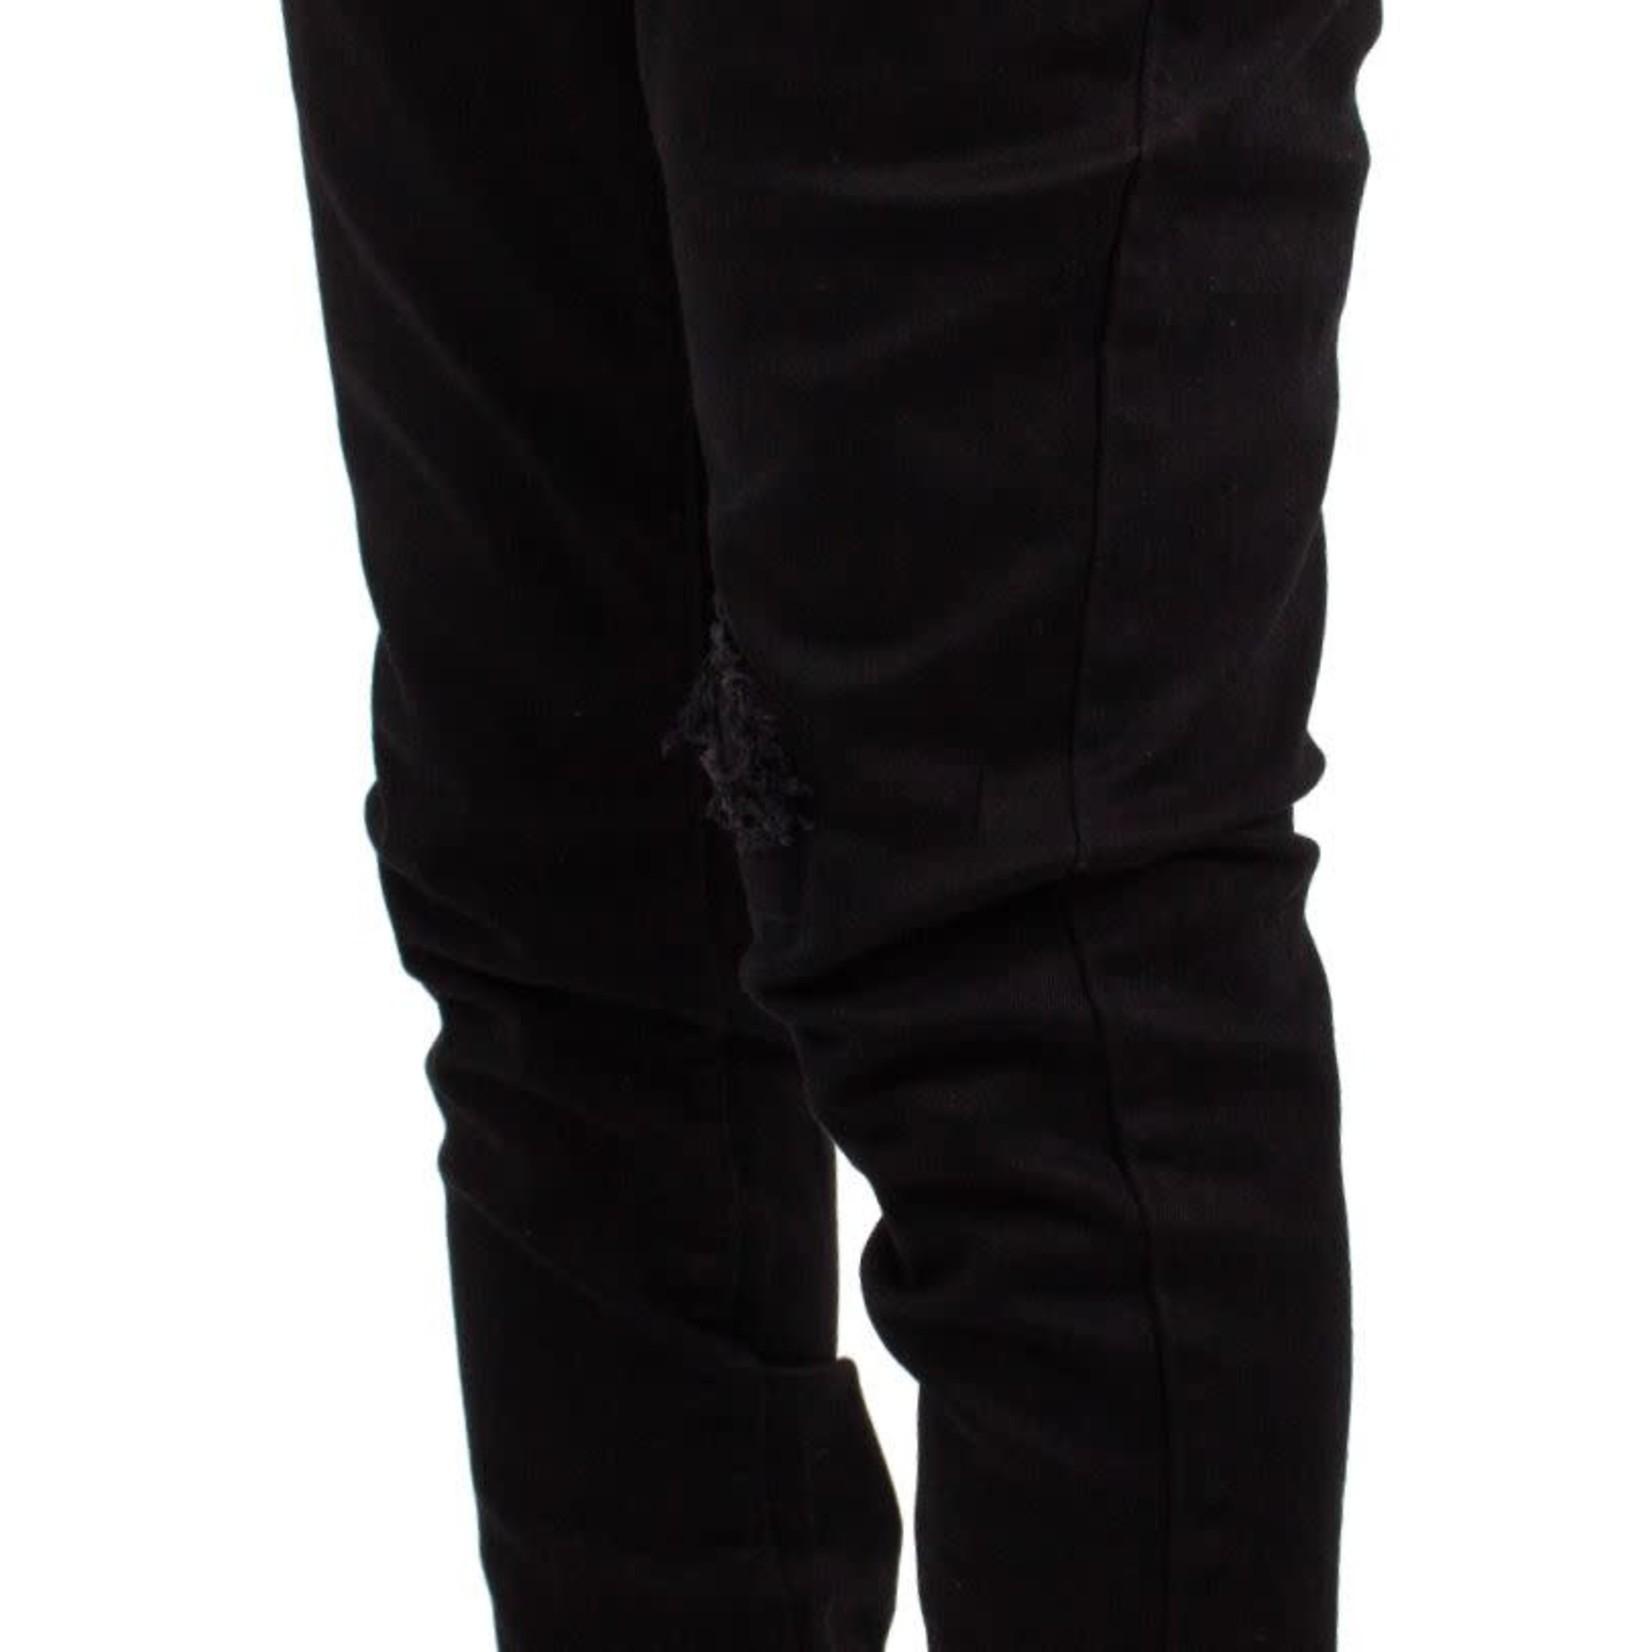 WLKN WLKN : Scottie Slim Fit Denim Pants